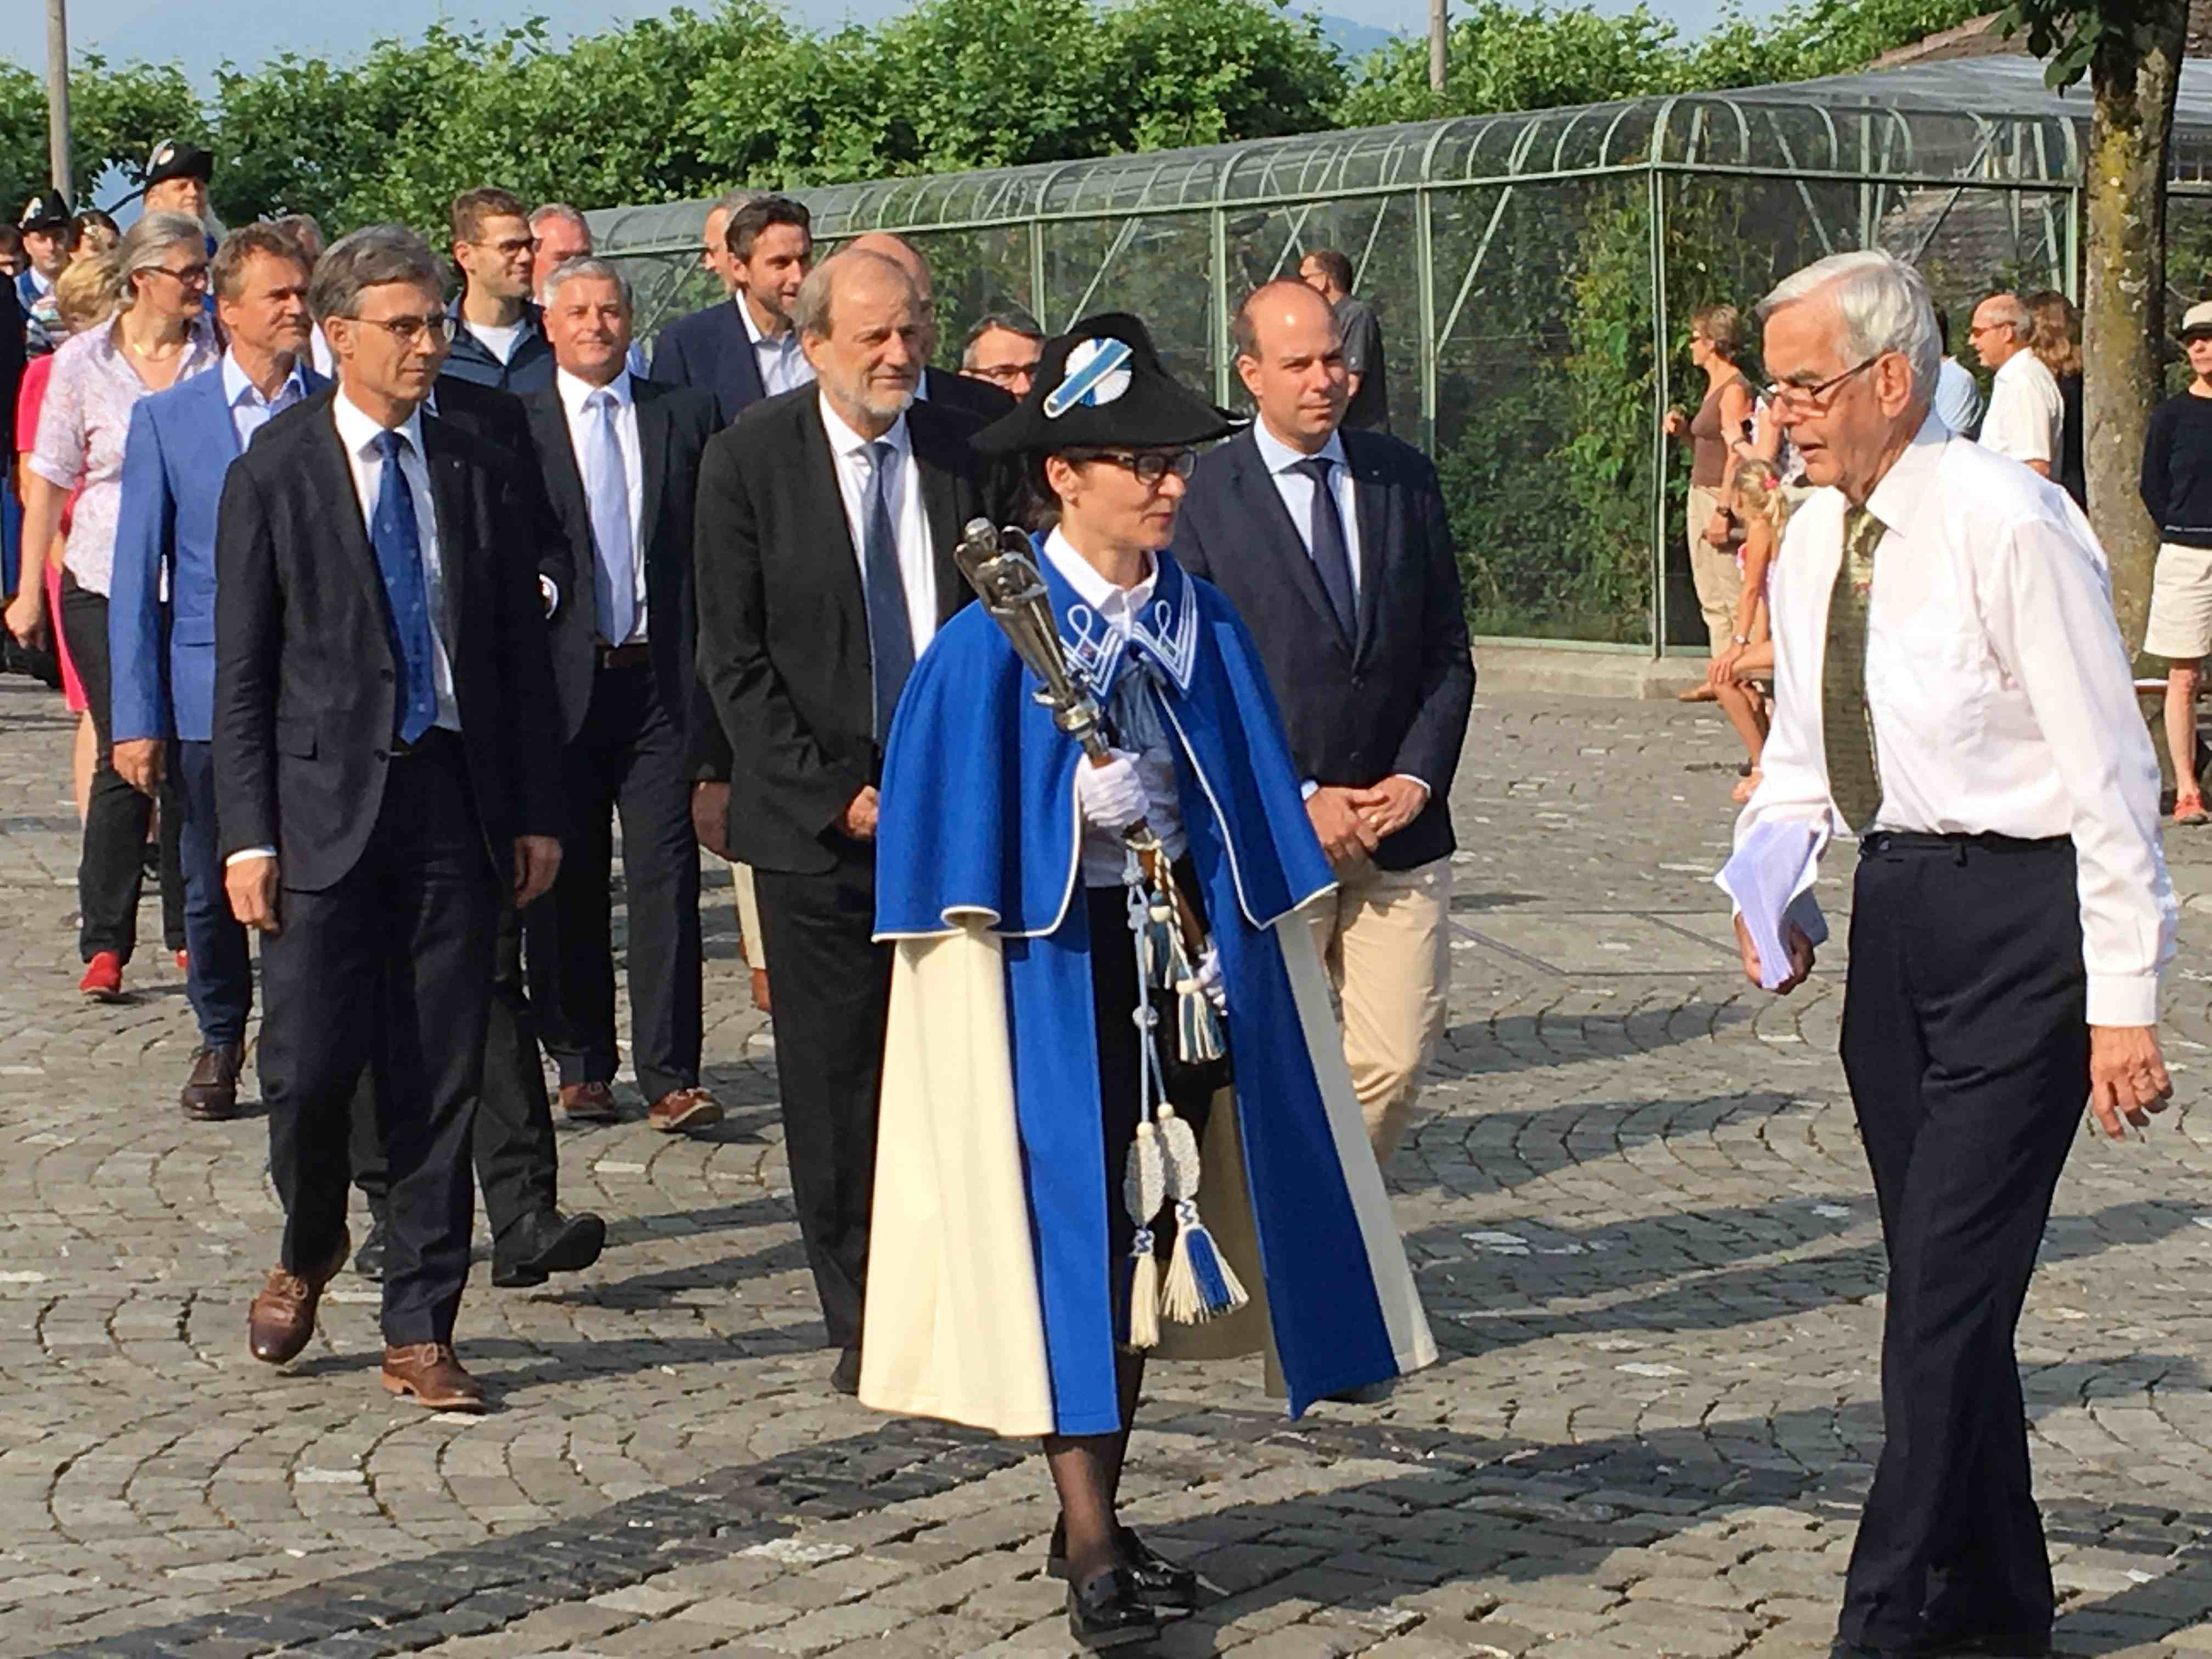 Stadtrat Karl Kobelt (links) will Stadtpräsident Dolfi Müller (Mitte) beerben. Bild vomFronleichnam mit Stadtweibelin Gabriela Kottmann, dem Stadtschreiber und GGR-Mitgliedern.